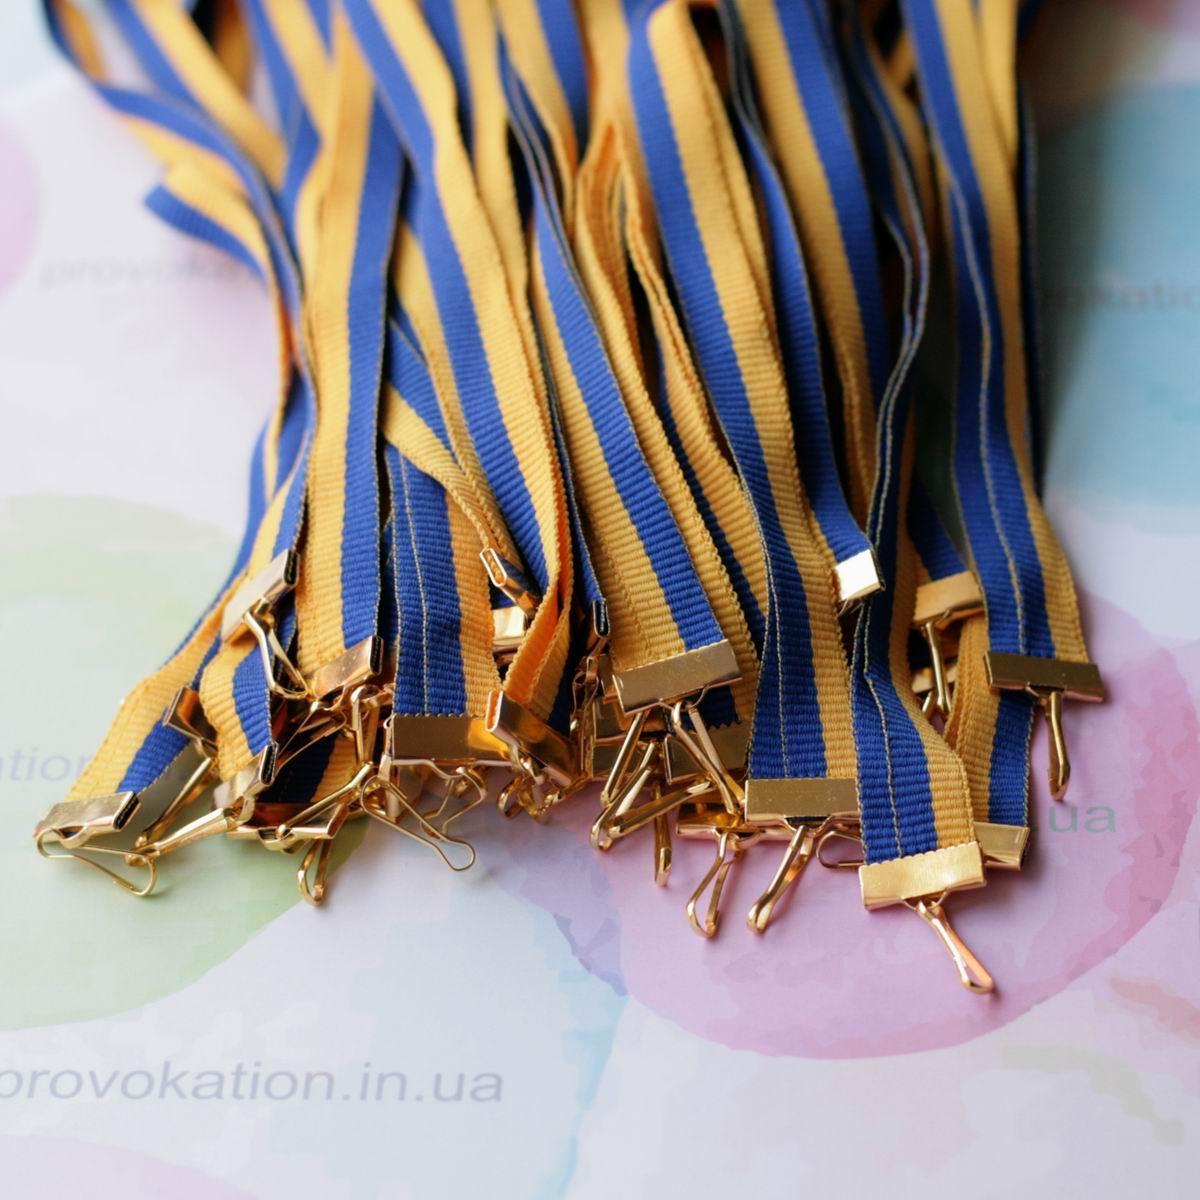 Репсовая лента для медалей и наград, жёлто-синяя, 10мм, 65см